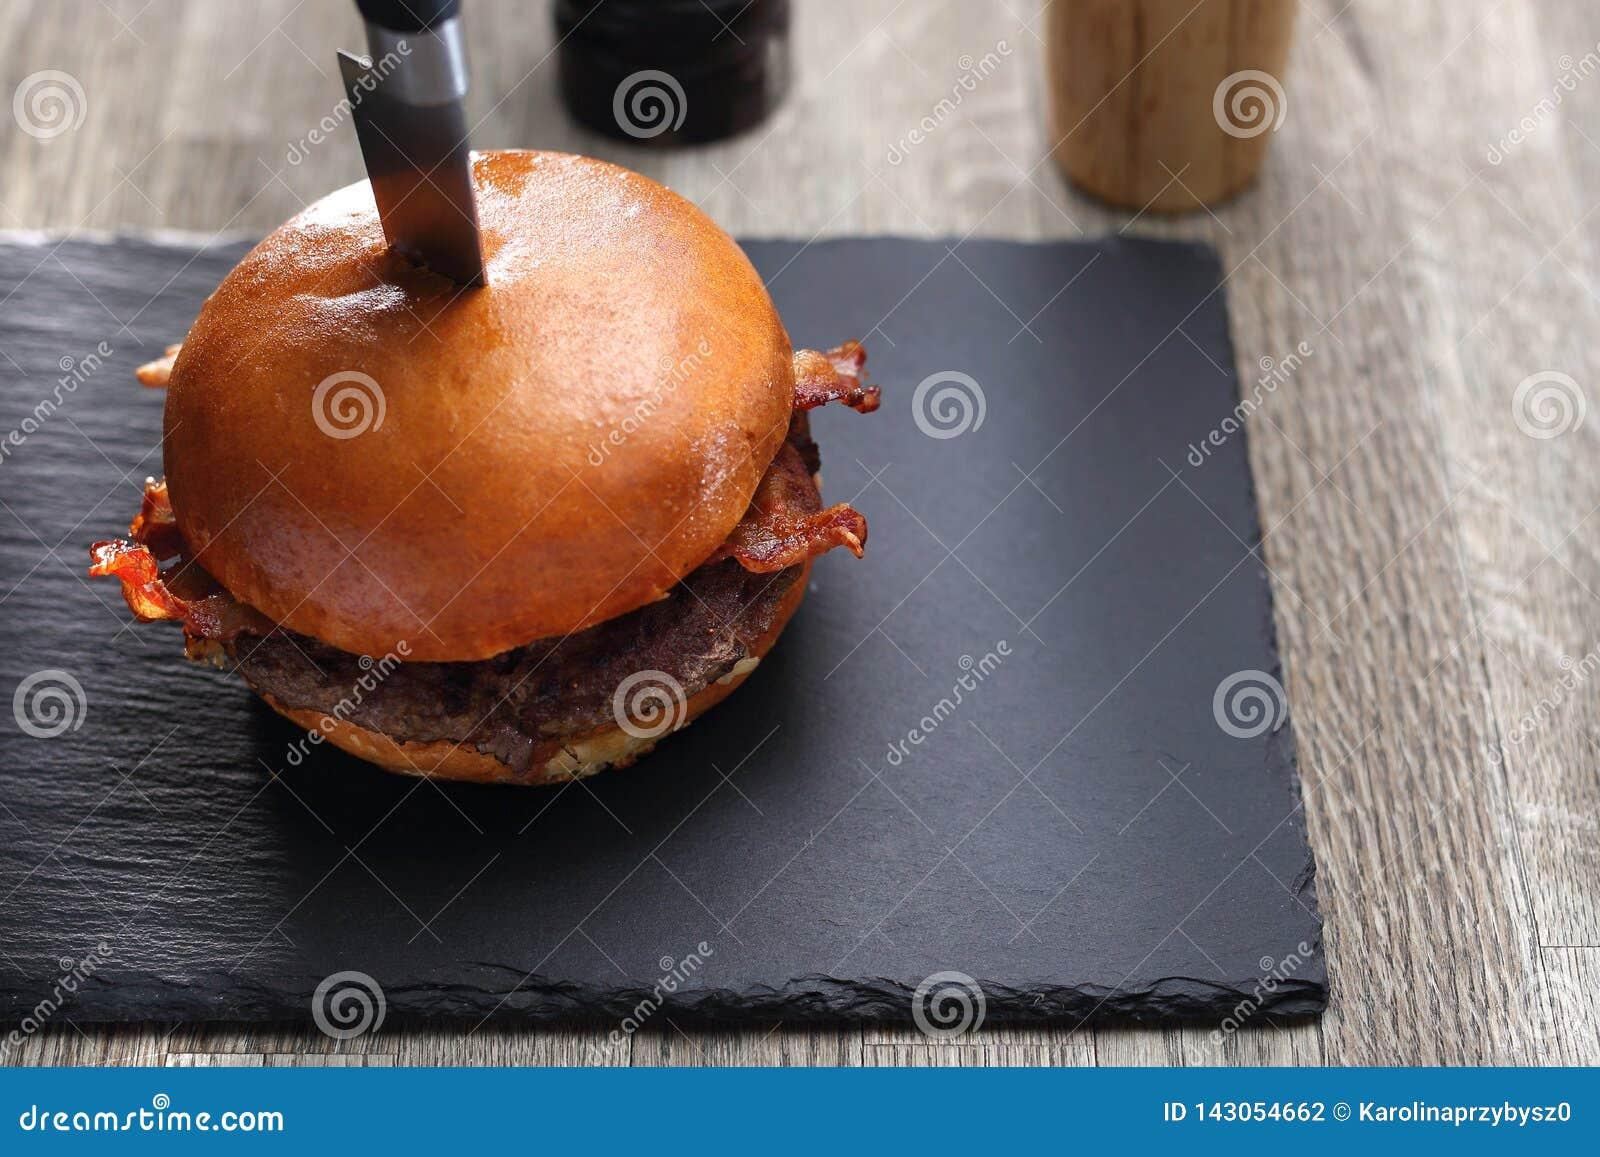 Hamburguesa con tocino Chuleta asada a la parrilla de la carne de vaca en un bollo